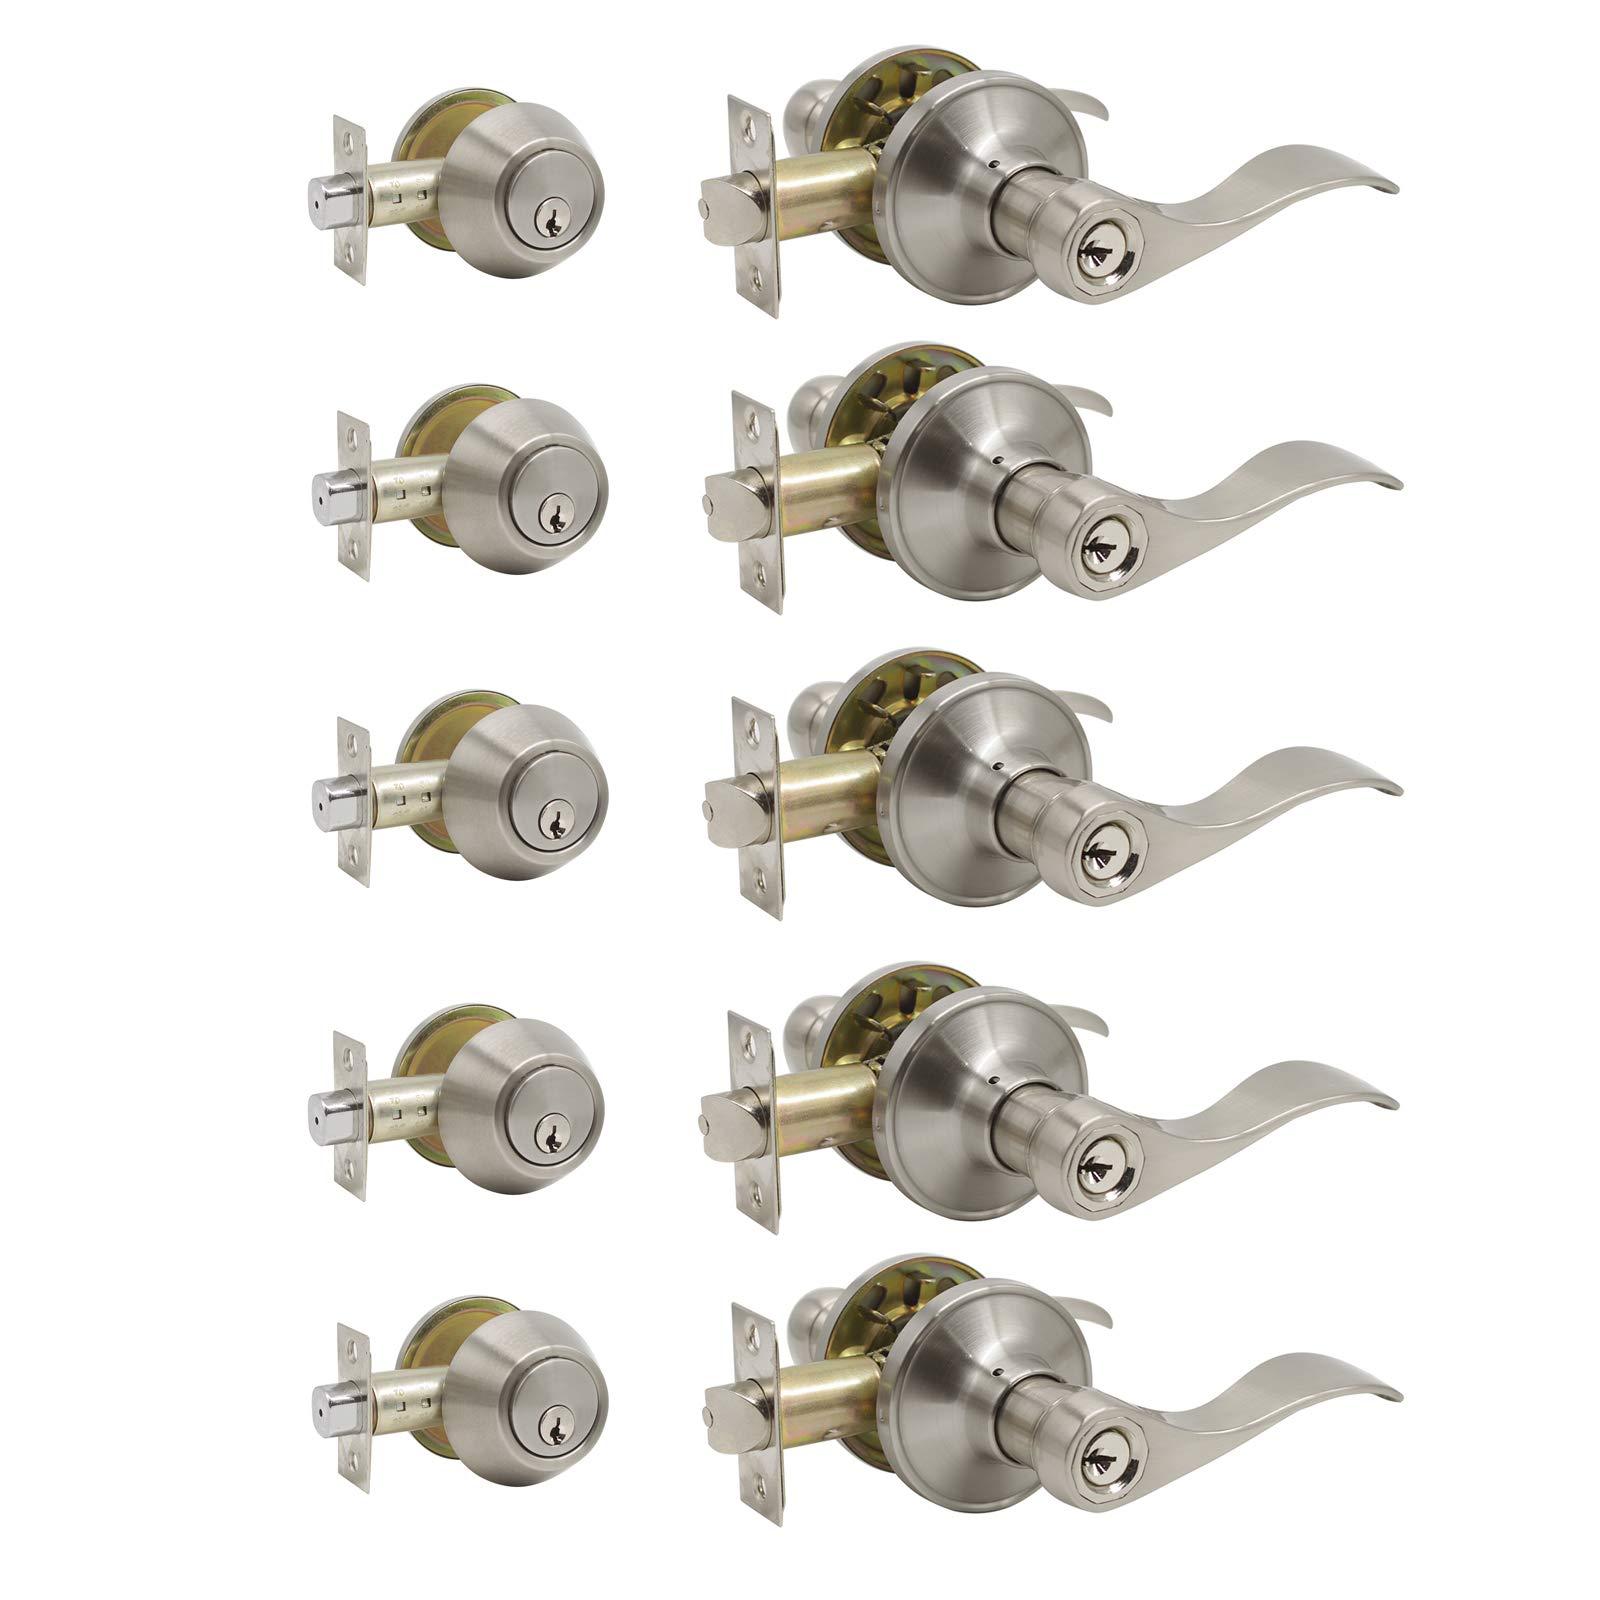 Keyed Alike Combo Pack of Entry Door Handles Knob with Double Cylinder Deadbolt, Durable Satin Nickel Finish Door Lockset, Door Handles Combination Pack of 5